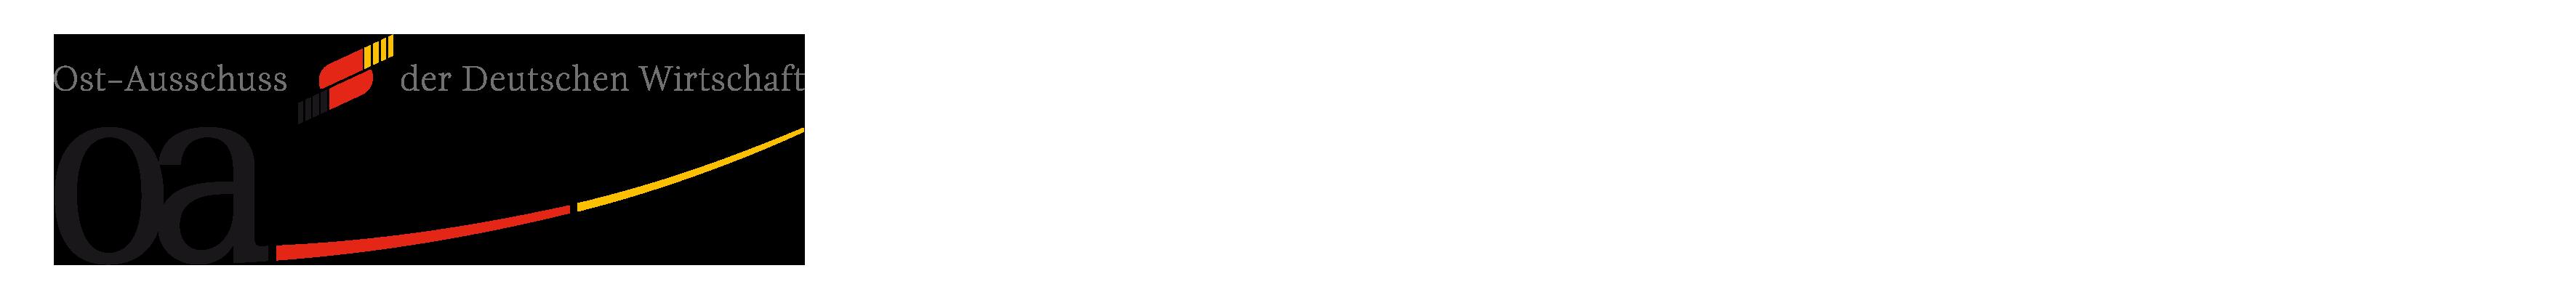 https://owc.de/wp-content/uploads/2021/06/OA20-Logo_pos_CMYK-1.png